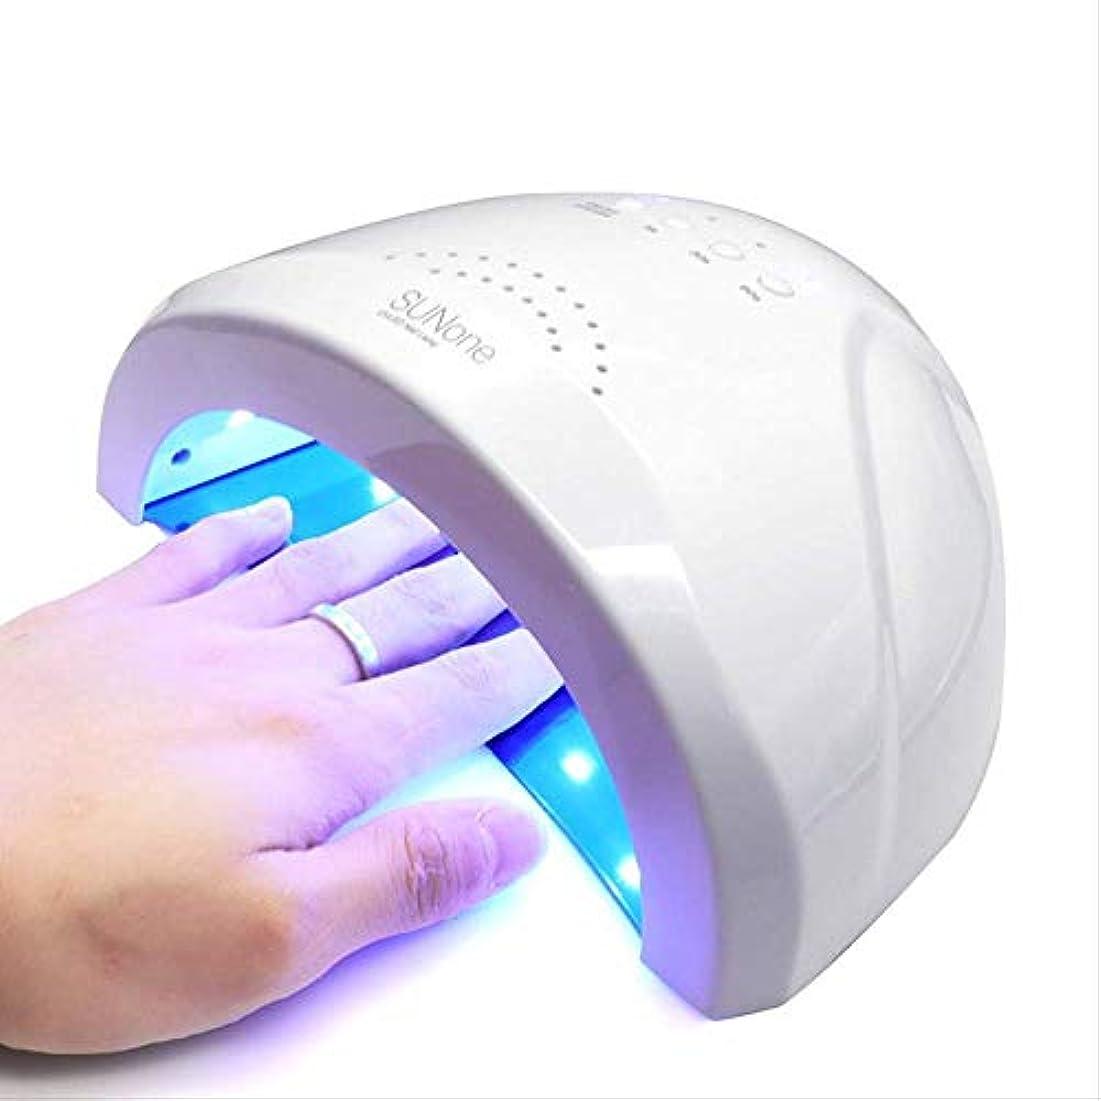 ネックレットショッキング箱RRSHUN 48 w UVランプマニキュアドライヤー28 Ledライト5 s 30 s 60 s乾燥指の爪の爪のゲル硬化ネイルアートドライヤーマニキュアスノネ